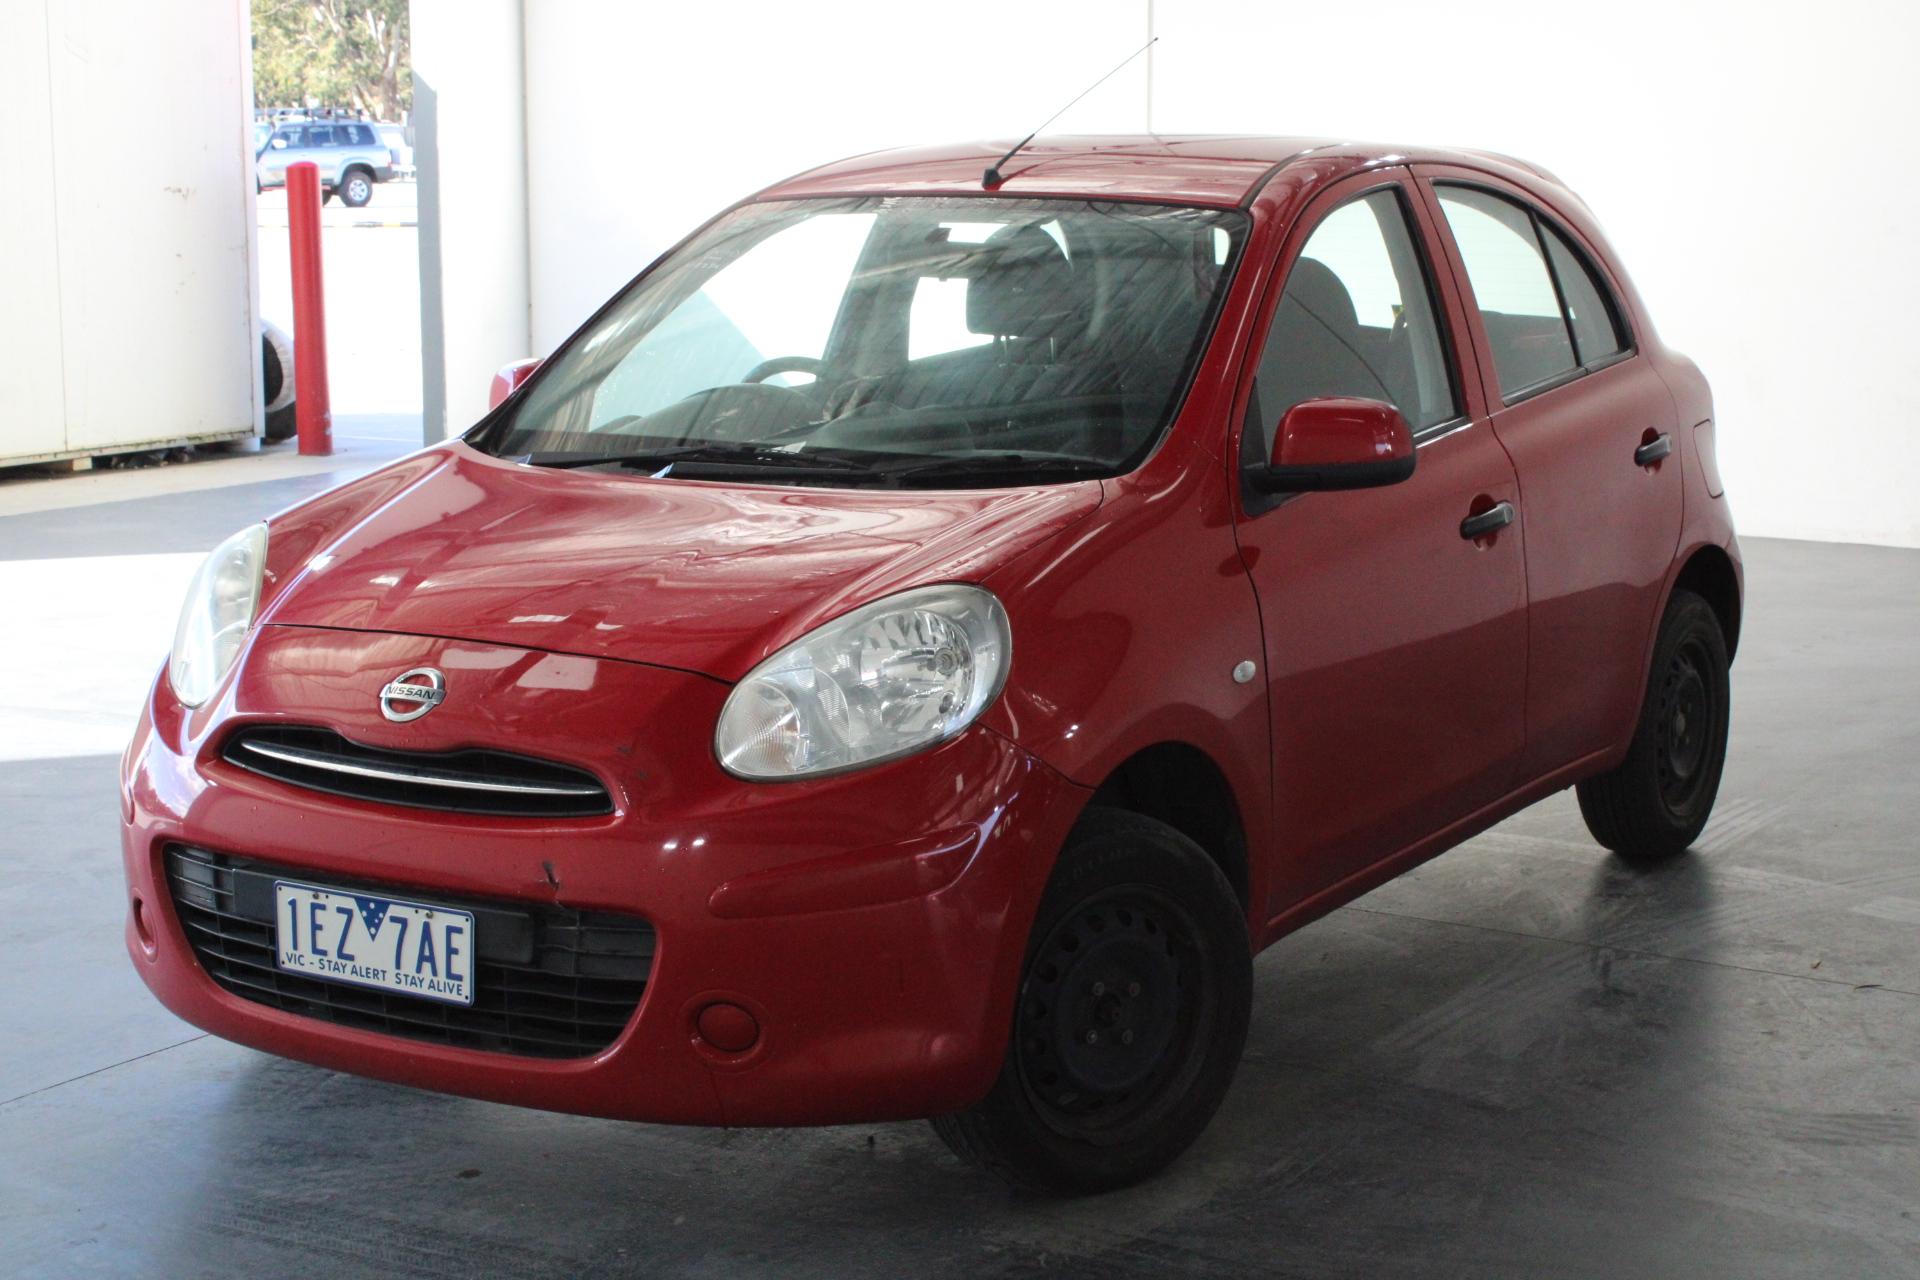 2012 Nissan Micra ST K13 Automatic Hatchback